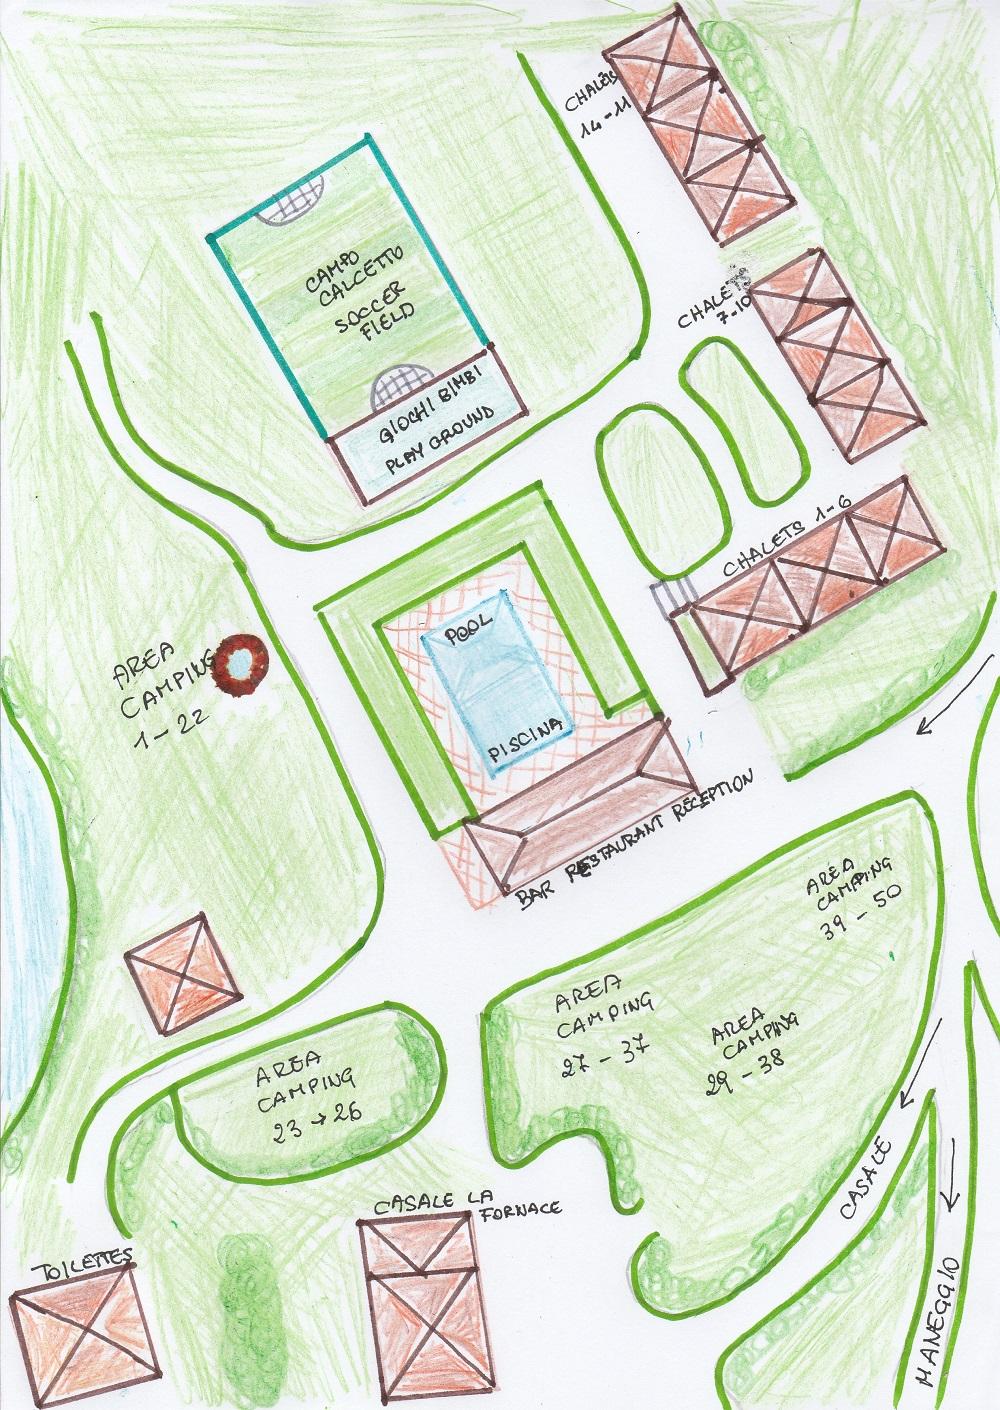 Mappa Campeggio Rio Verde Costacciaro